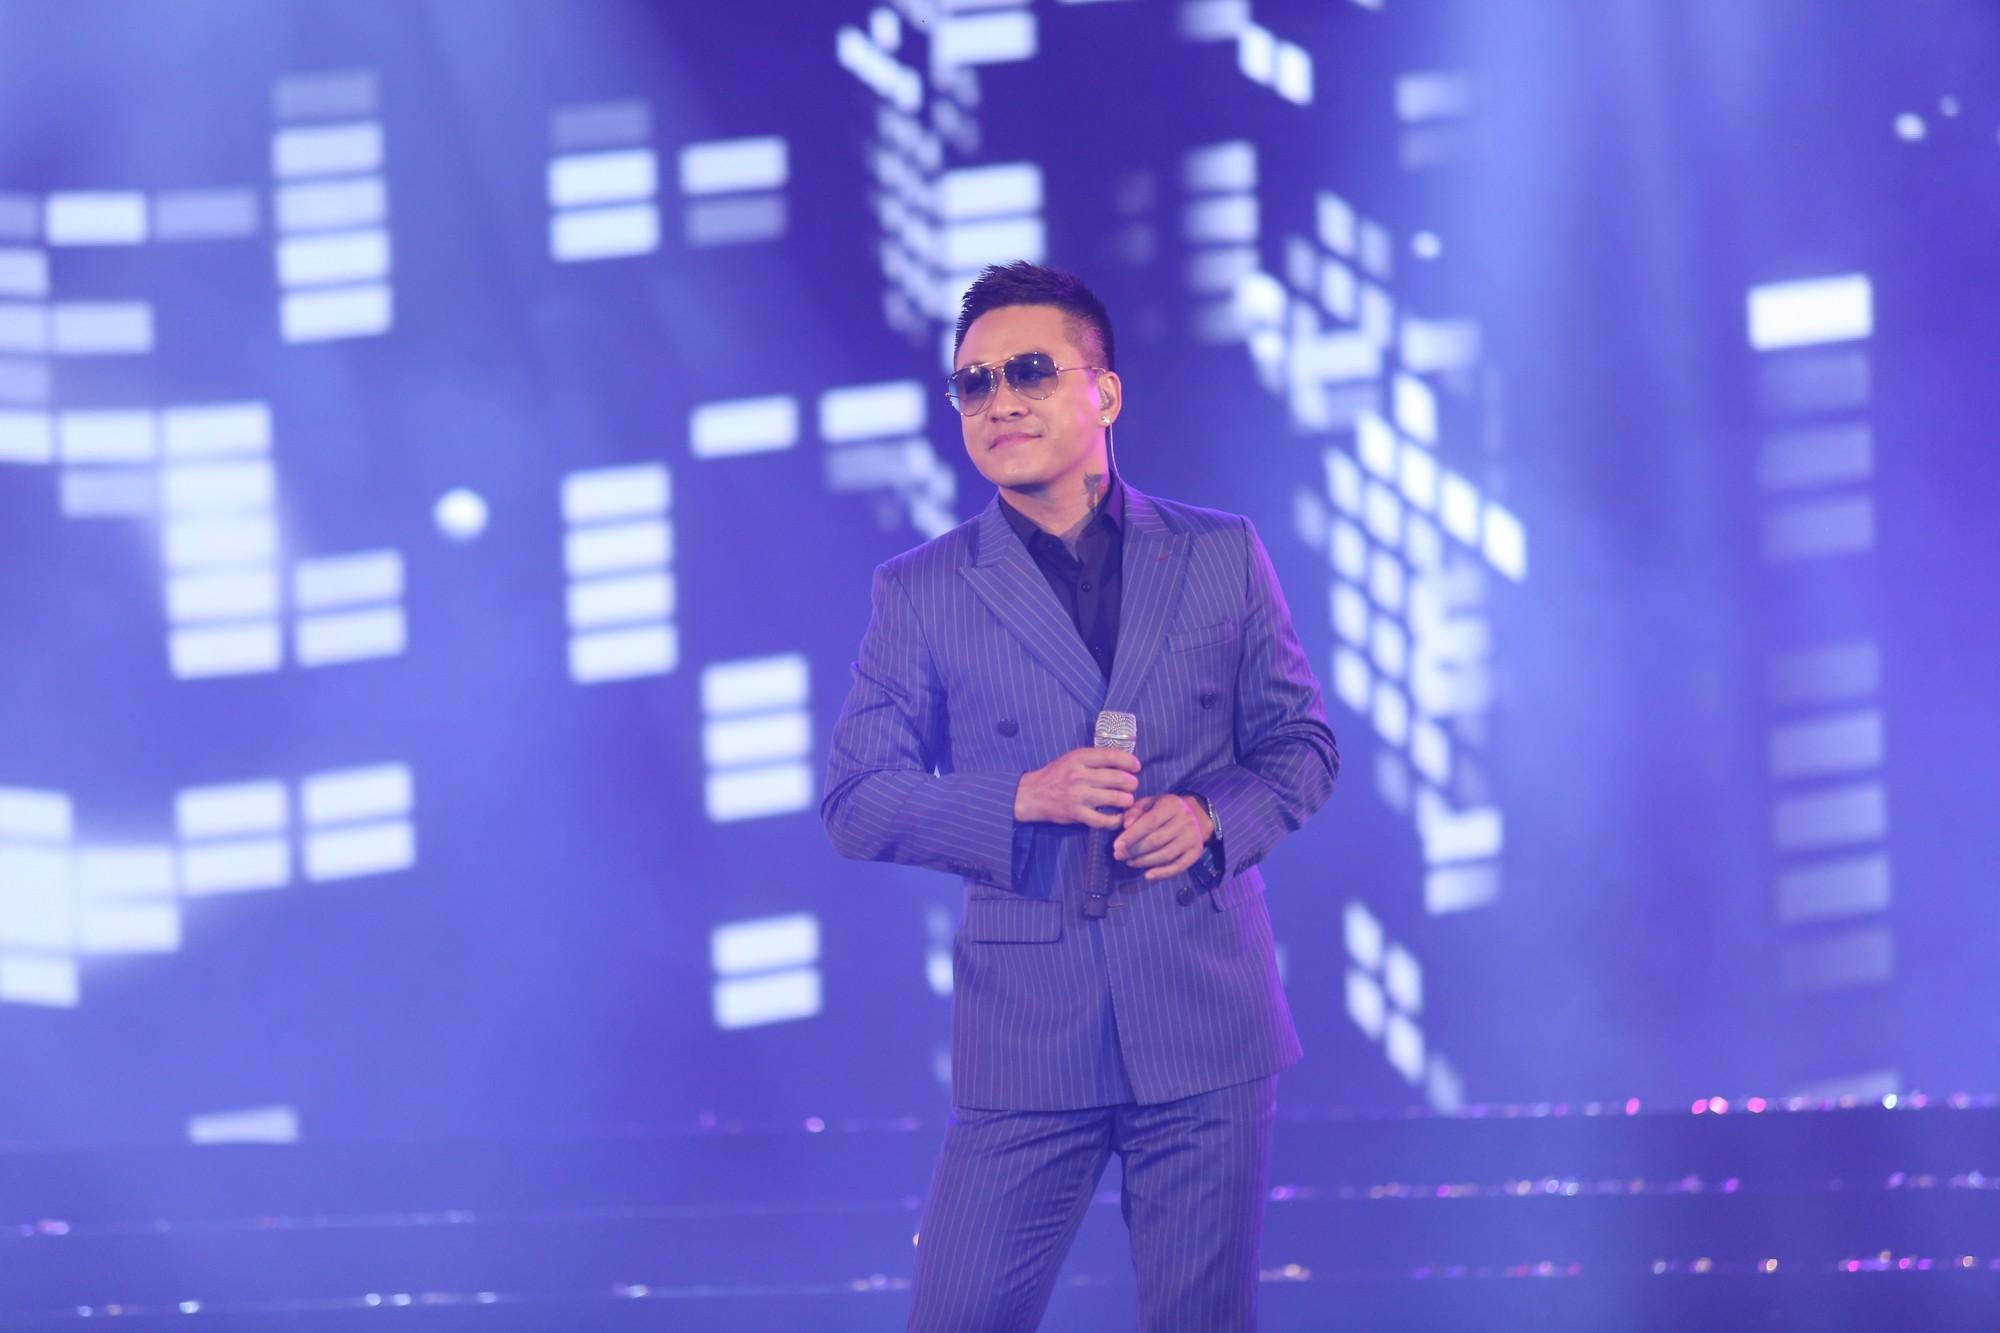 Hà Anh Tuấn khiến khán giả vỡ òa khi bất ngờ xuất hiện trên sân khấu không báo trước - Ảnh 11.